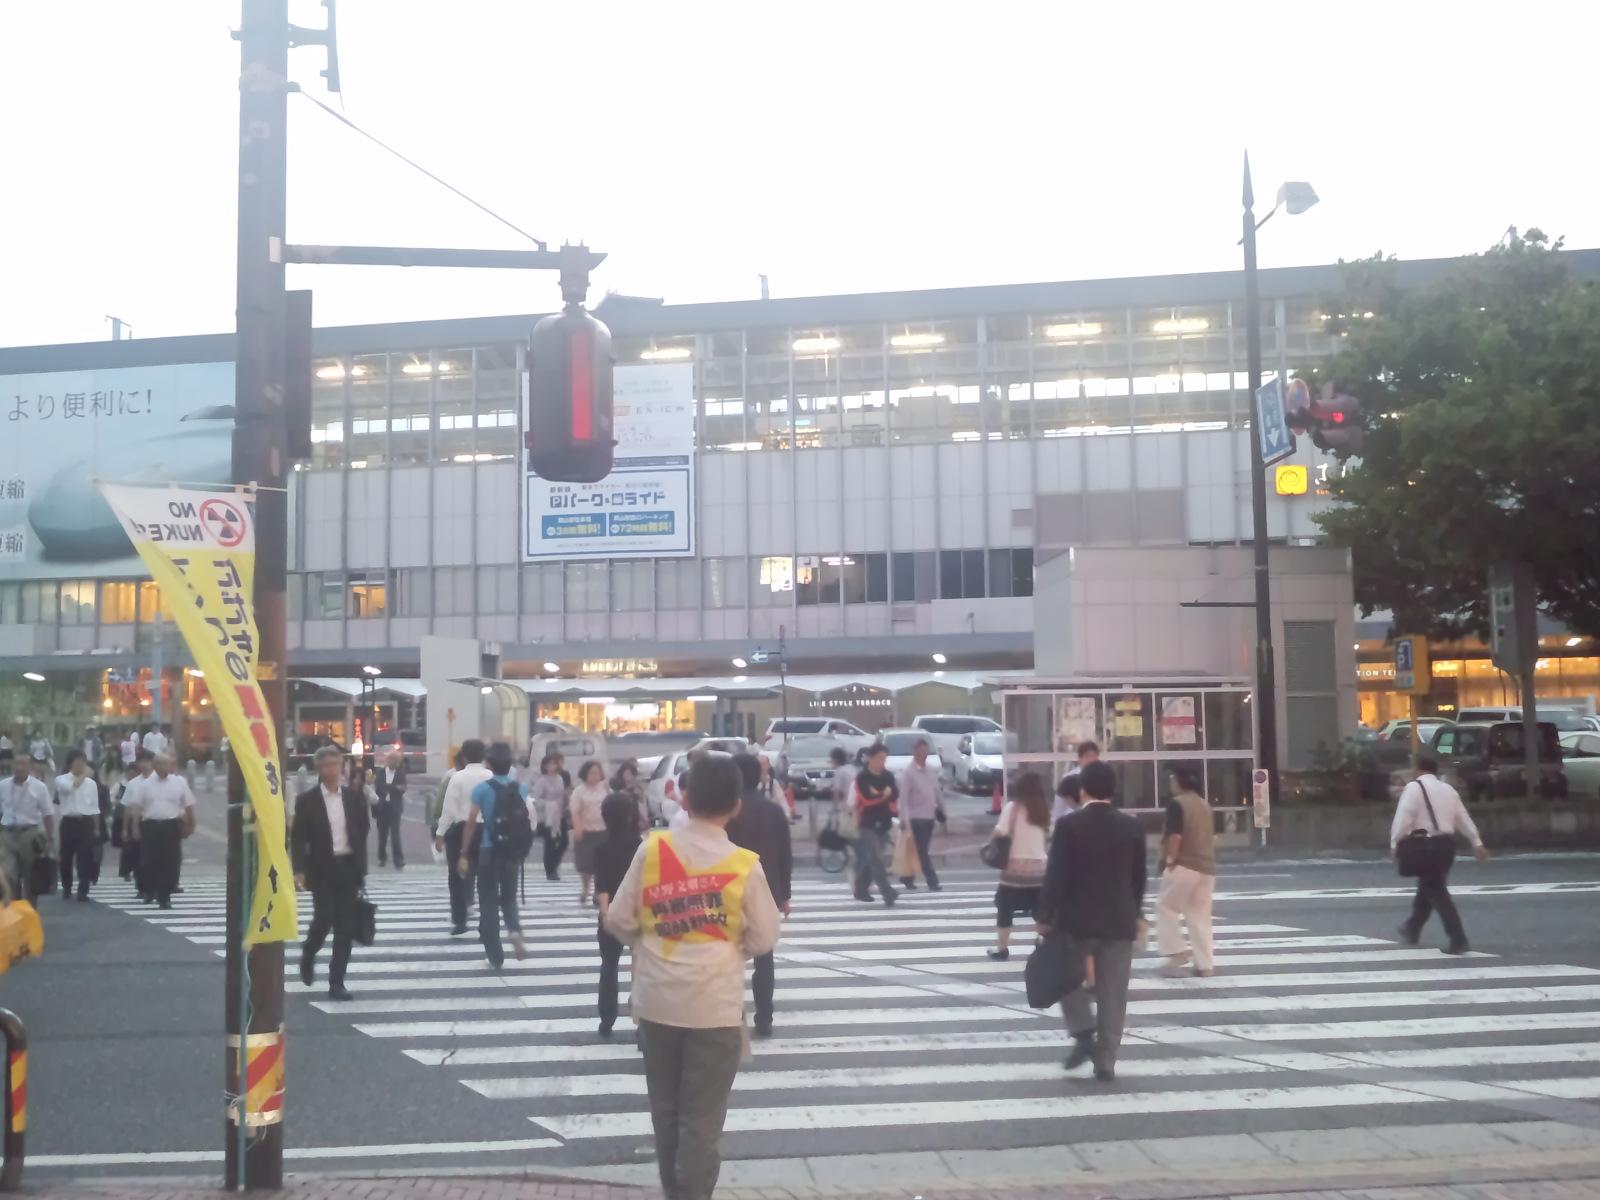 9月29日(木)街頭宣伝_a0238678_15361368.jpg